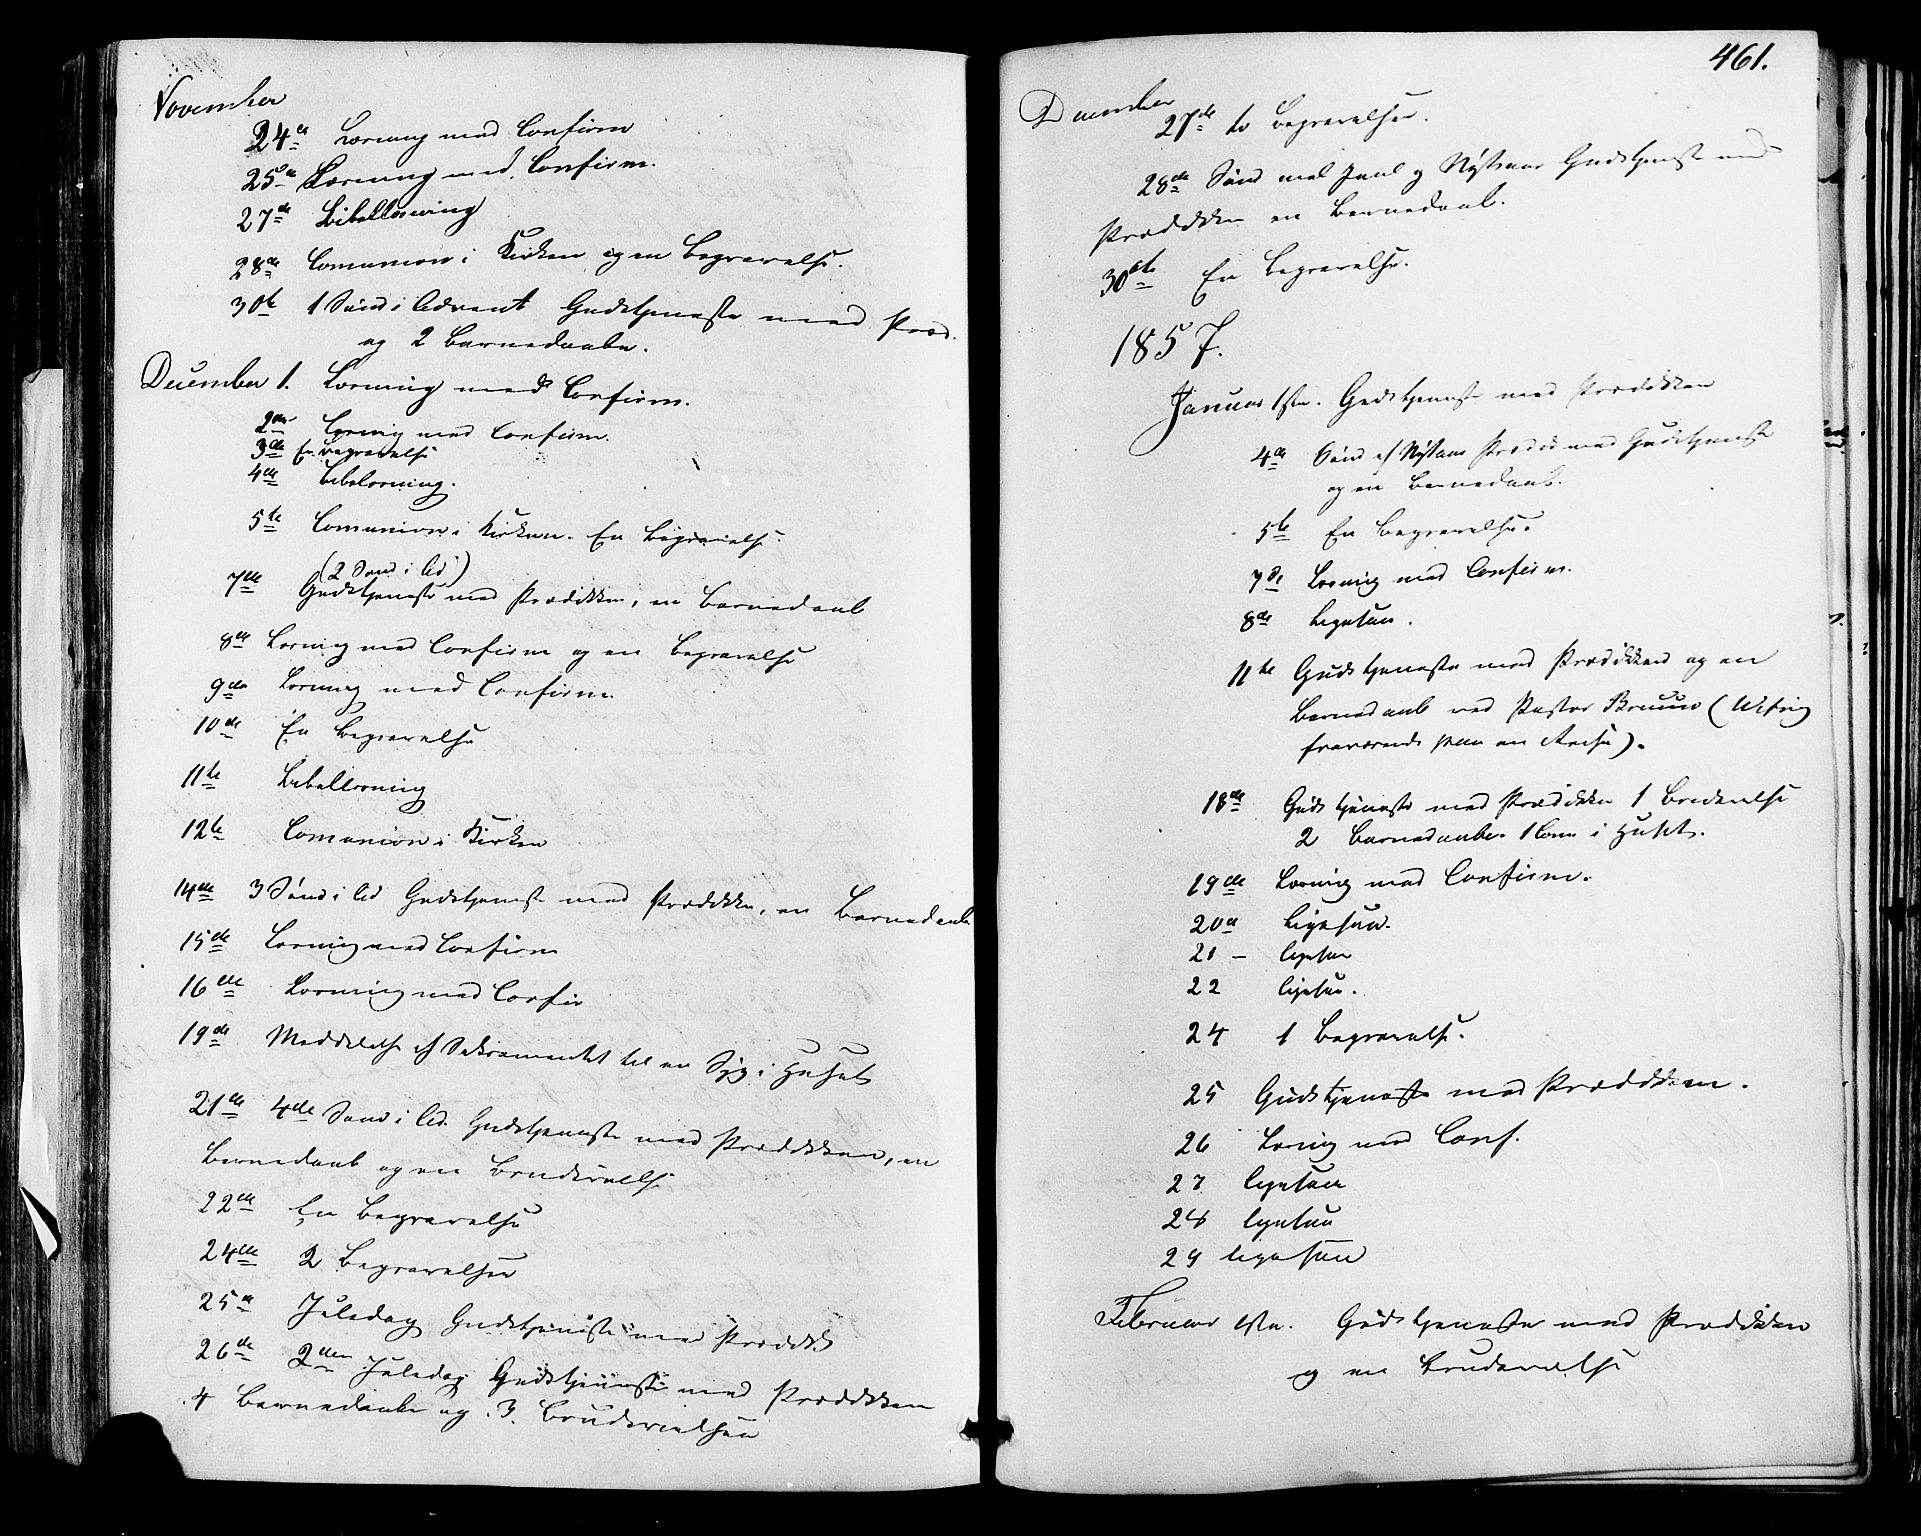 SAKO, Skien kirkebøker, F/Fa/L0007: Ministerialbok nr. 7, 1856-1865, s. 461